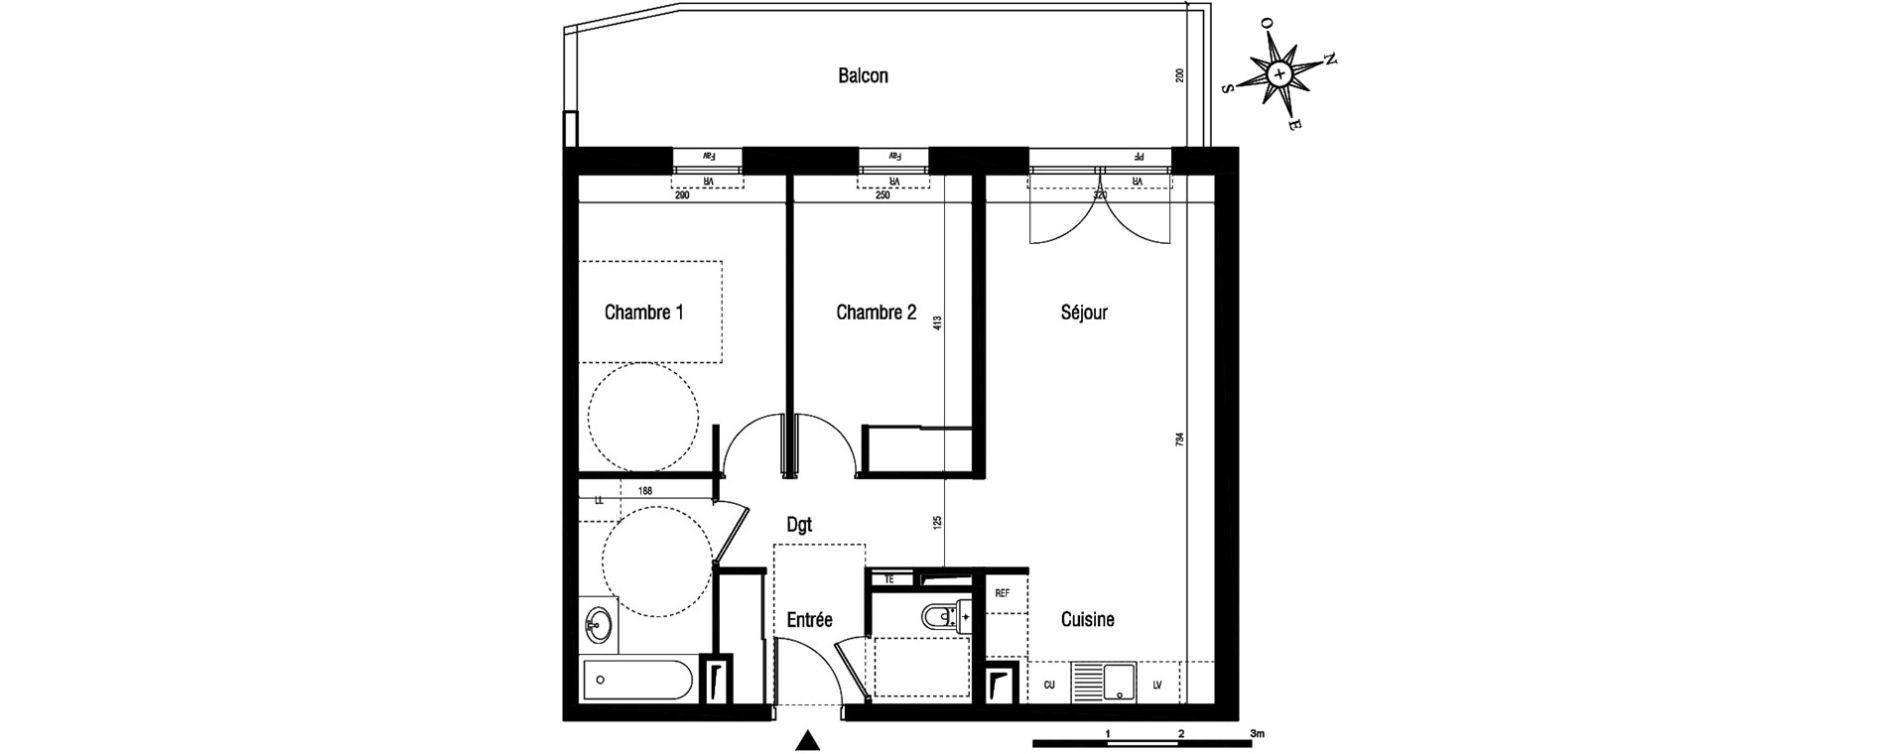 Appartement T3 de 61,50 m2 à Aigues-Mortes Centre